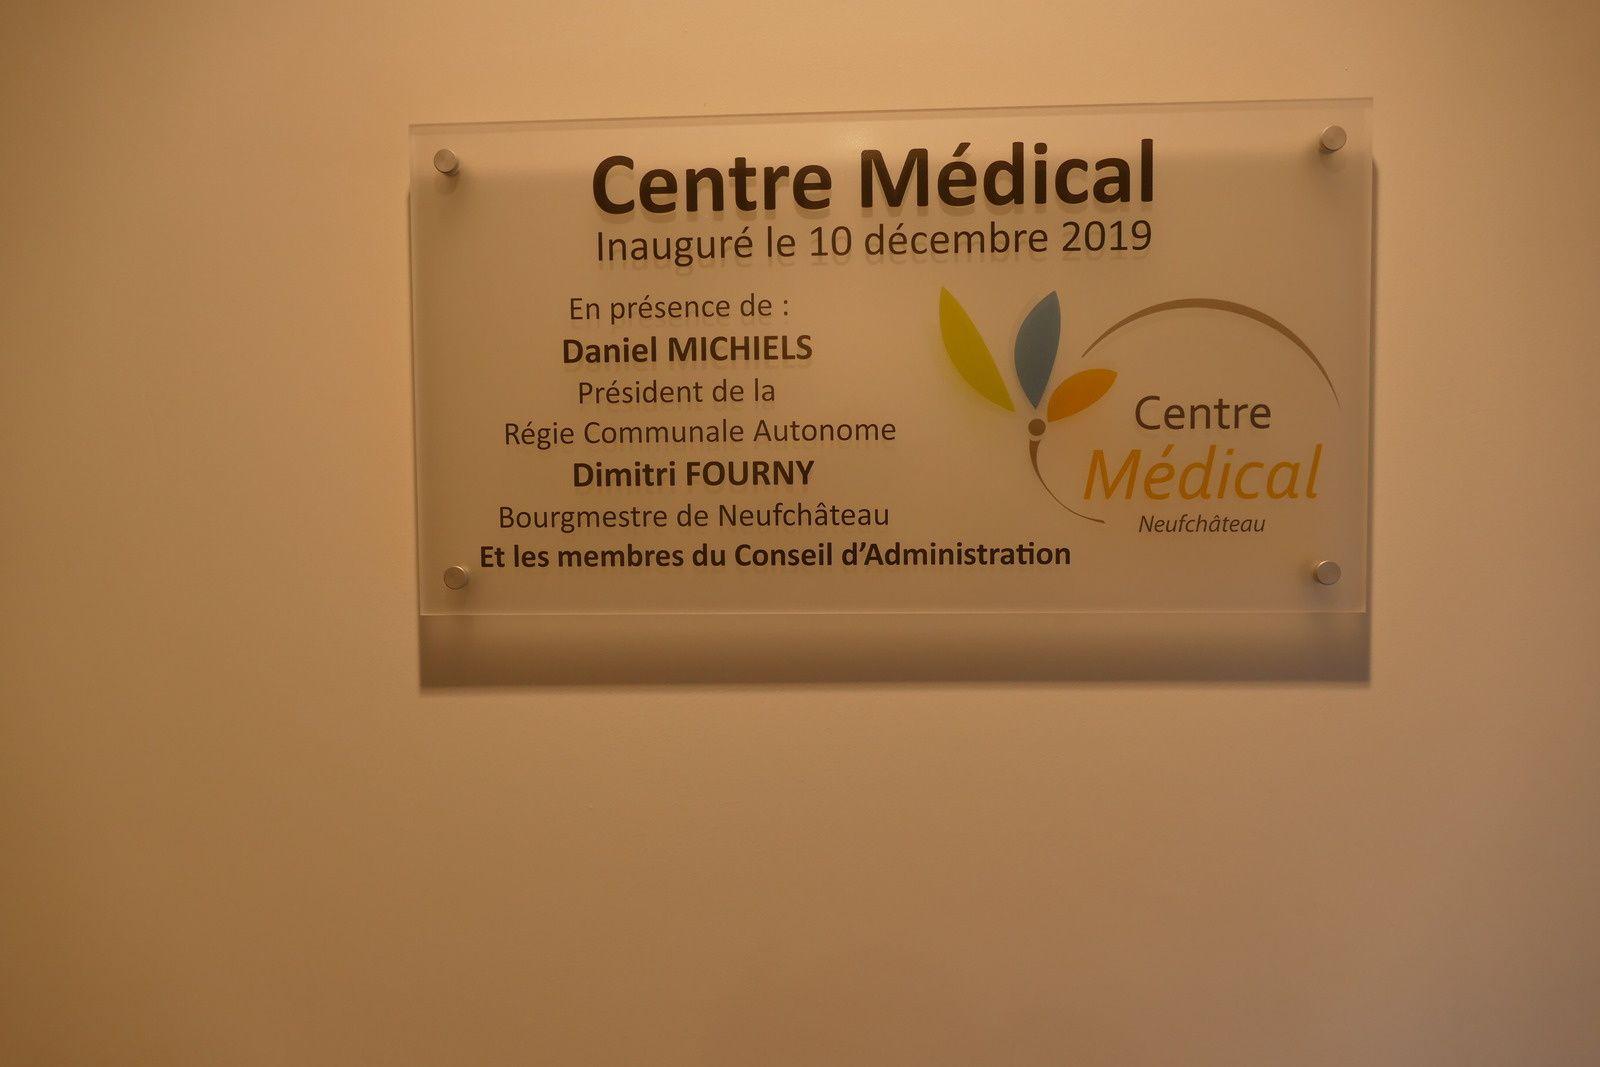 Inauguration de la Maison médicale